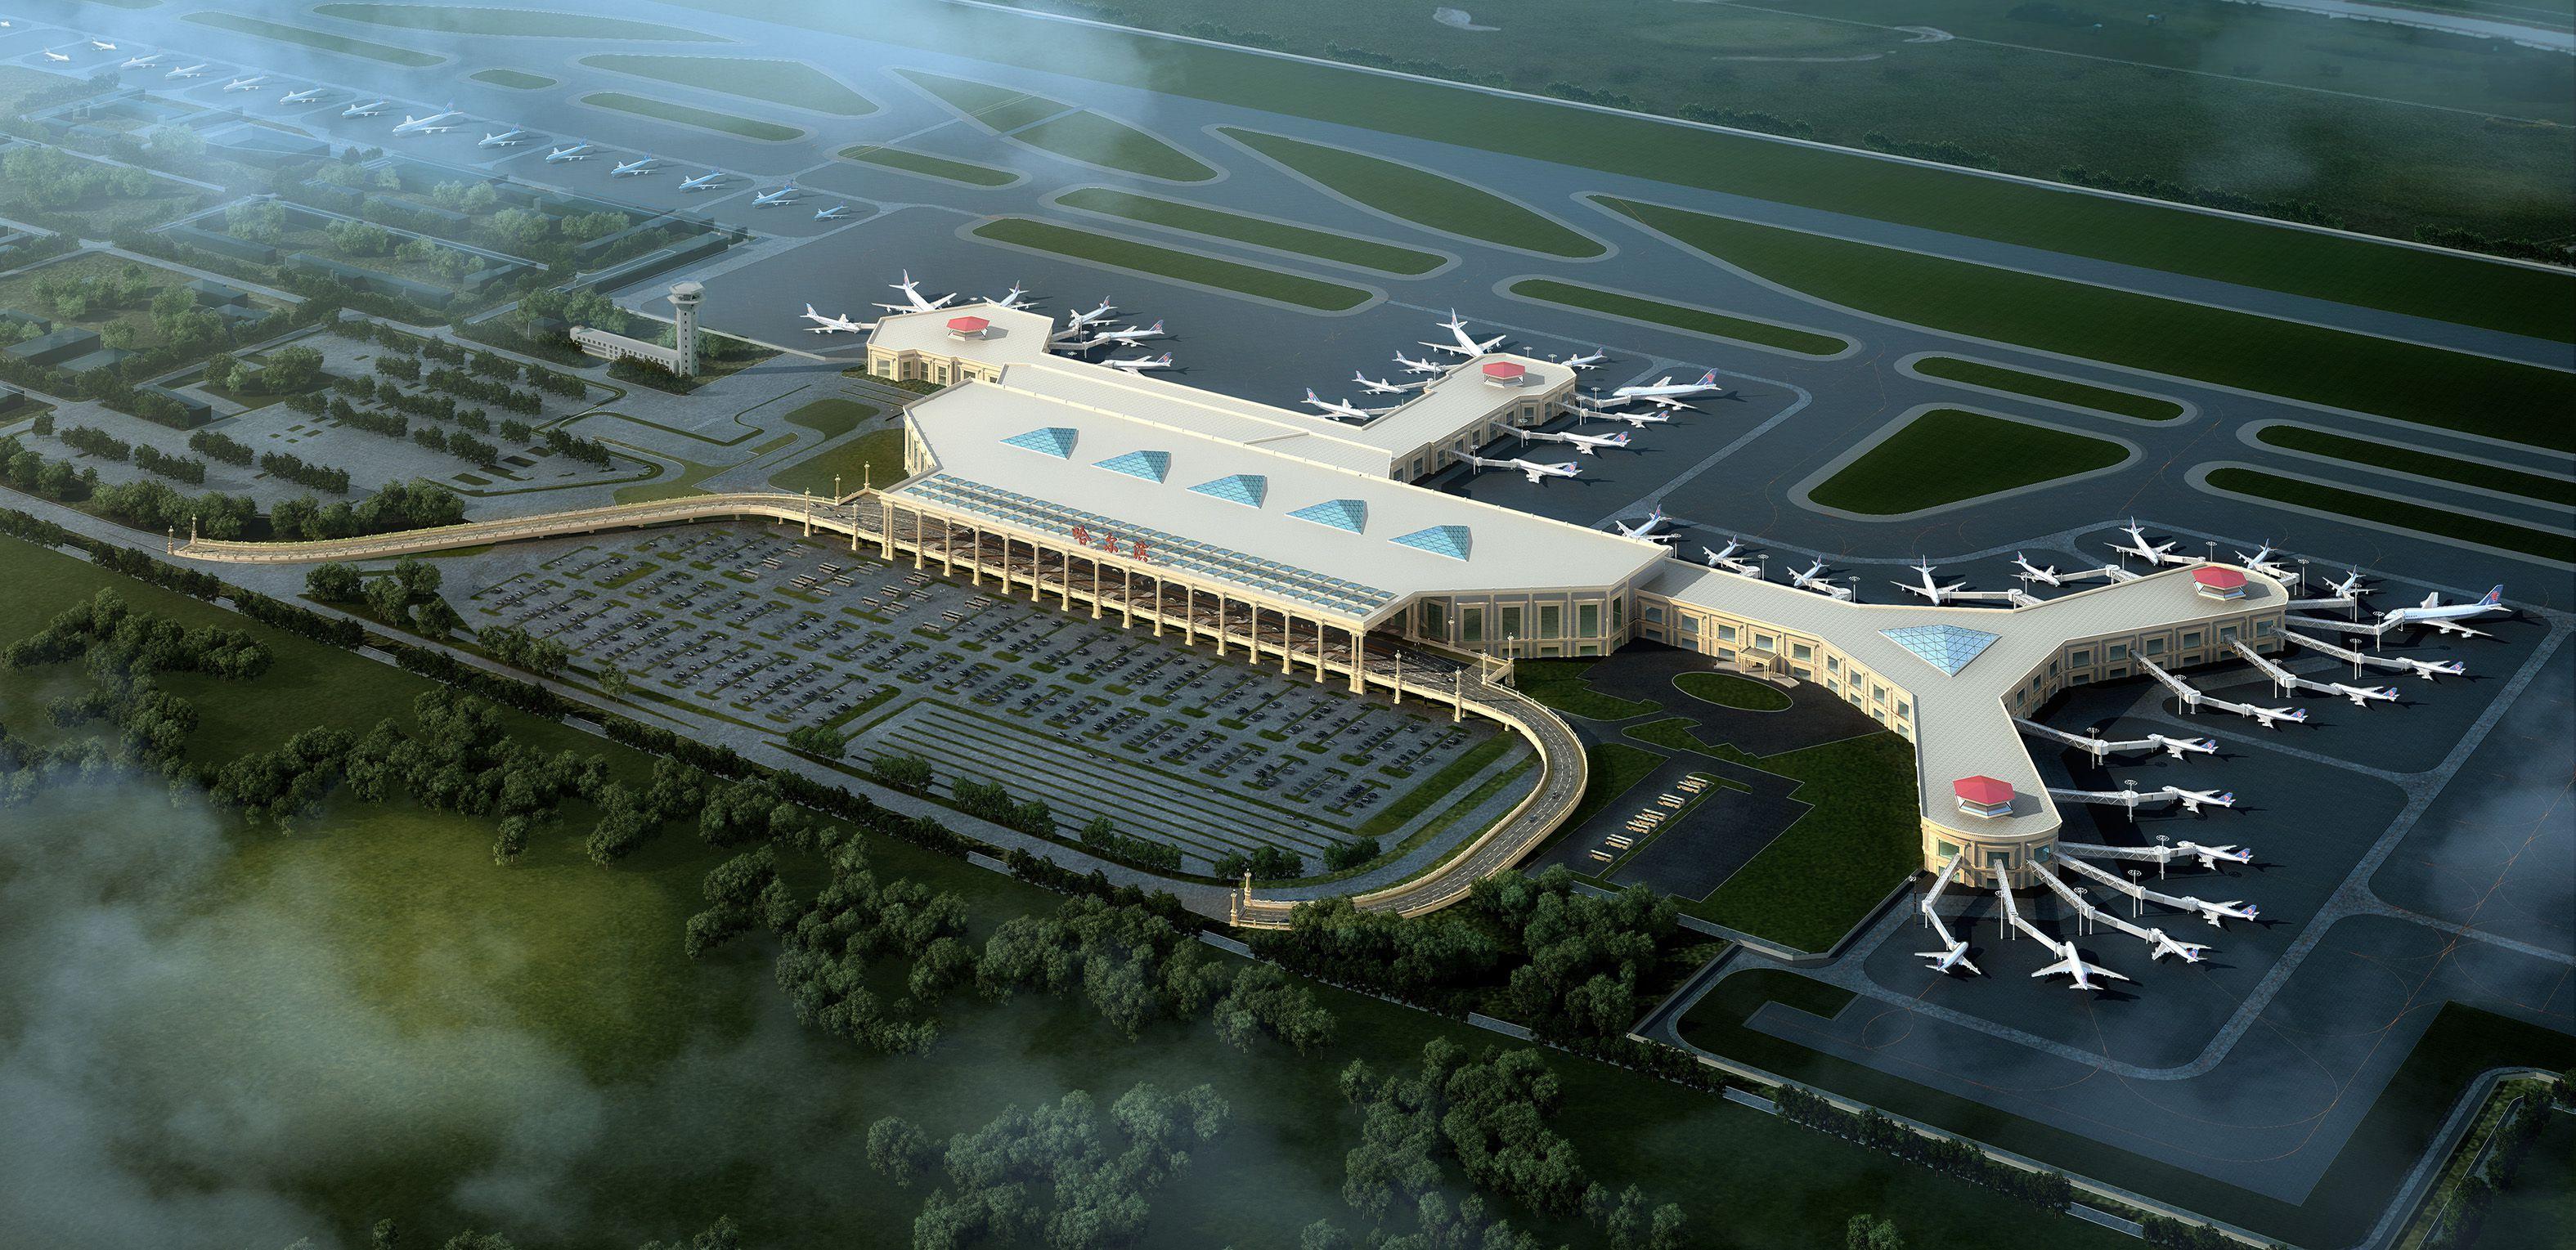 黑龙江省建筑设计研究院作品哈尔滨太平国际机场改扩建工程 黑龙江省